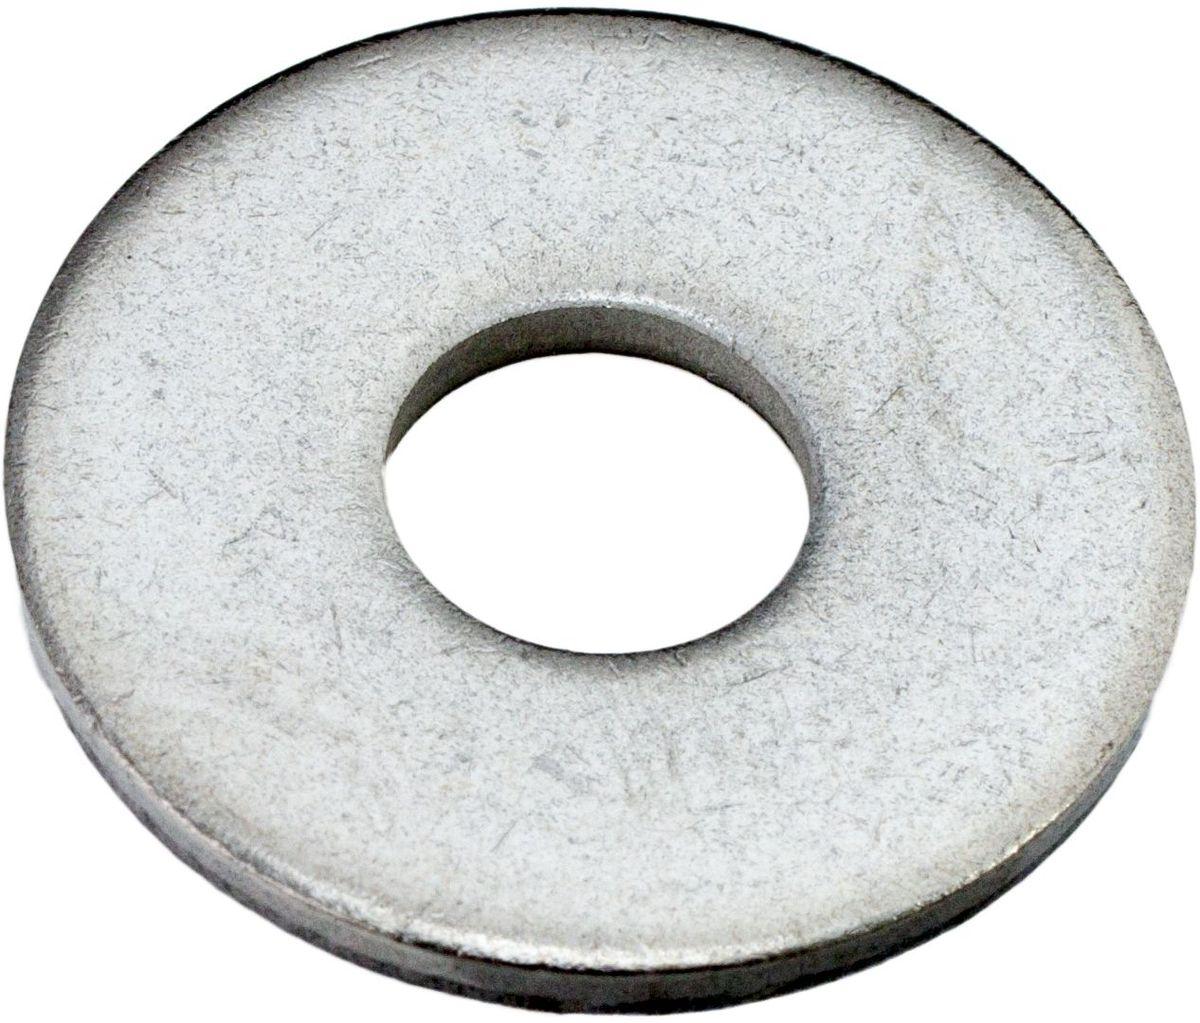 Шайба Стройбат, оцинкованная, кузовная, DIN 9021, 16 мм, 2 шт увеличенная шайба качественный крепеж плоская din 9021 м10 80 шт 0300967 кч